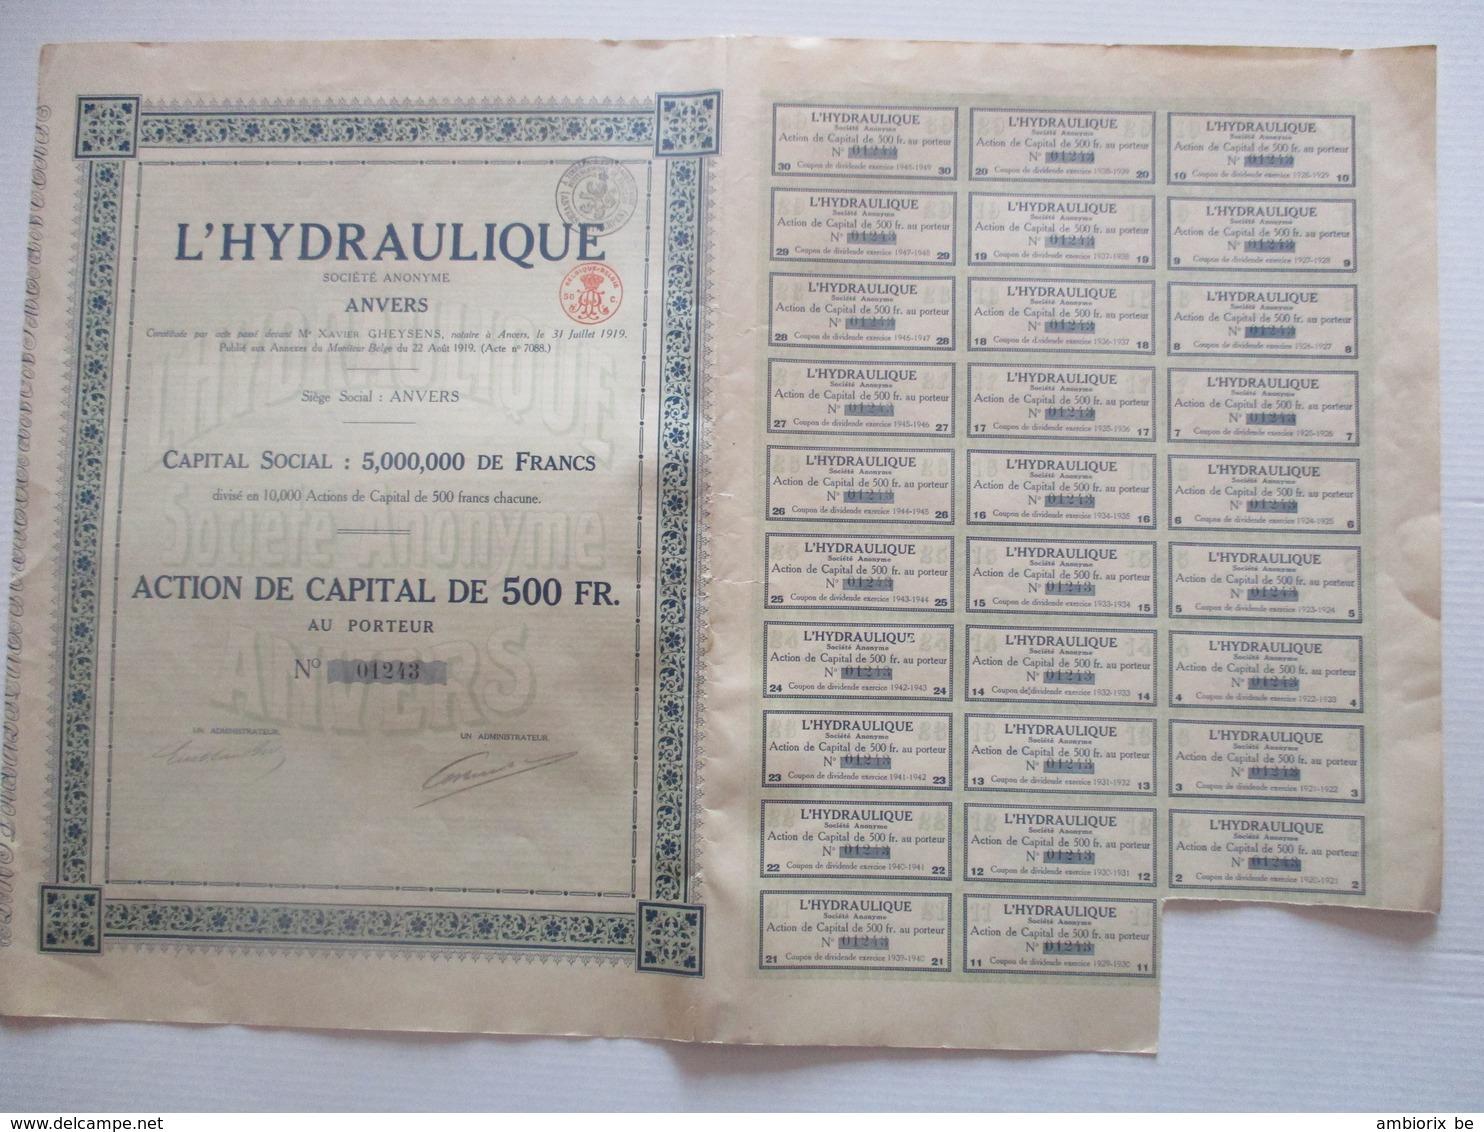 L'Hydraulique - Anvers - Action De Capital De 500 Fr - Industrie